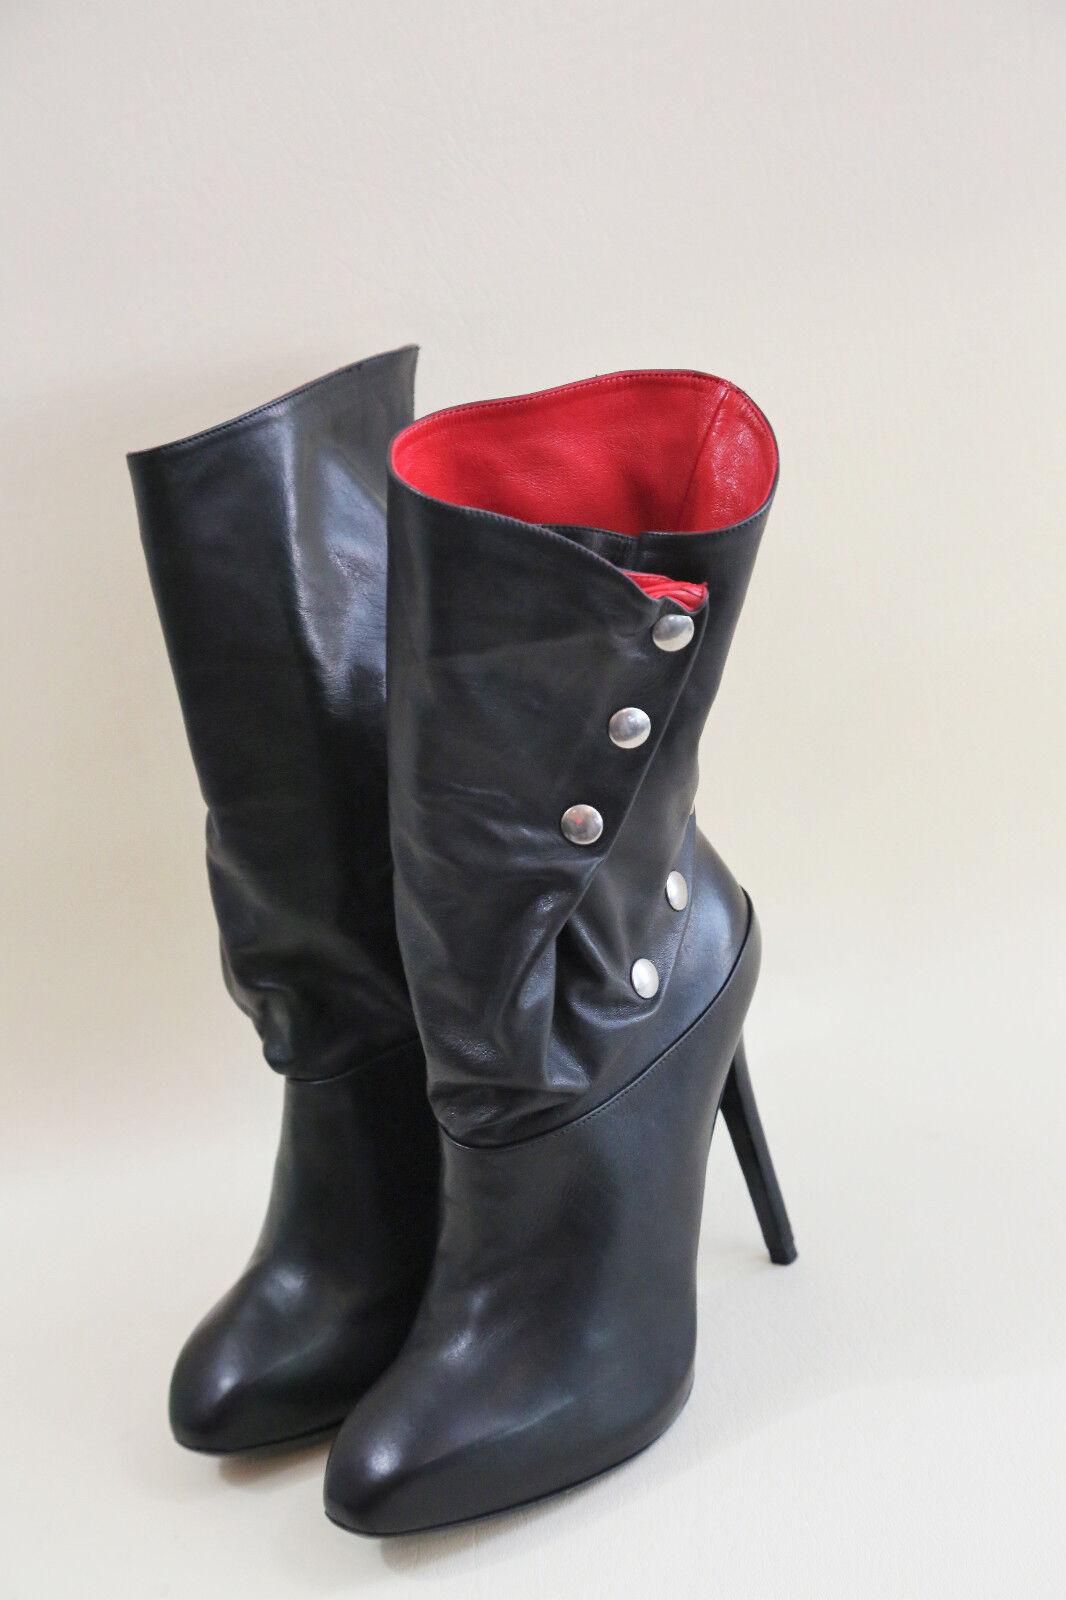 presa di fabbrica  14 Alexander McQueen nero Leather rED Lining Snap Button Button Button stivali Dimensione 37.5  i nuovi stili più caldi